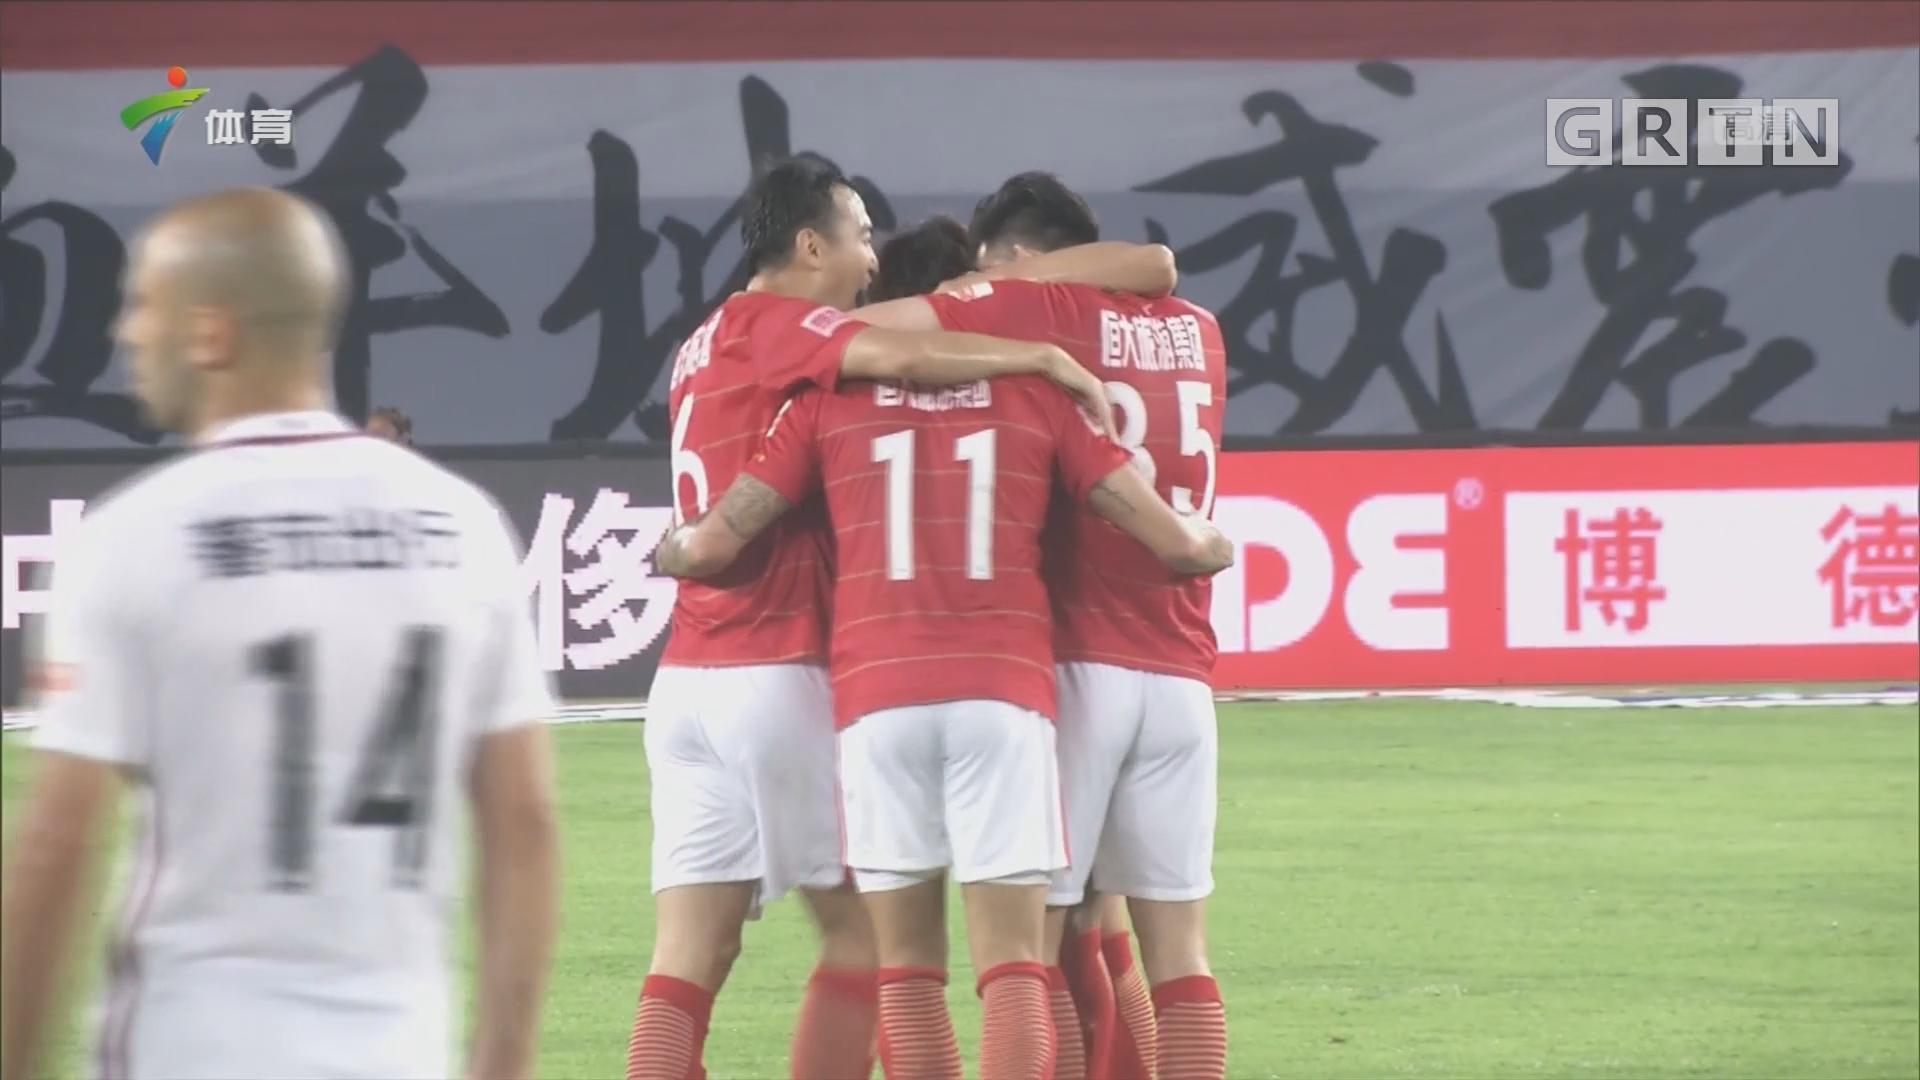 记者现场连线:广州恒大淘宝vs天津权健